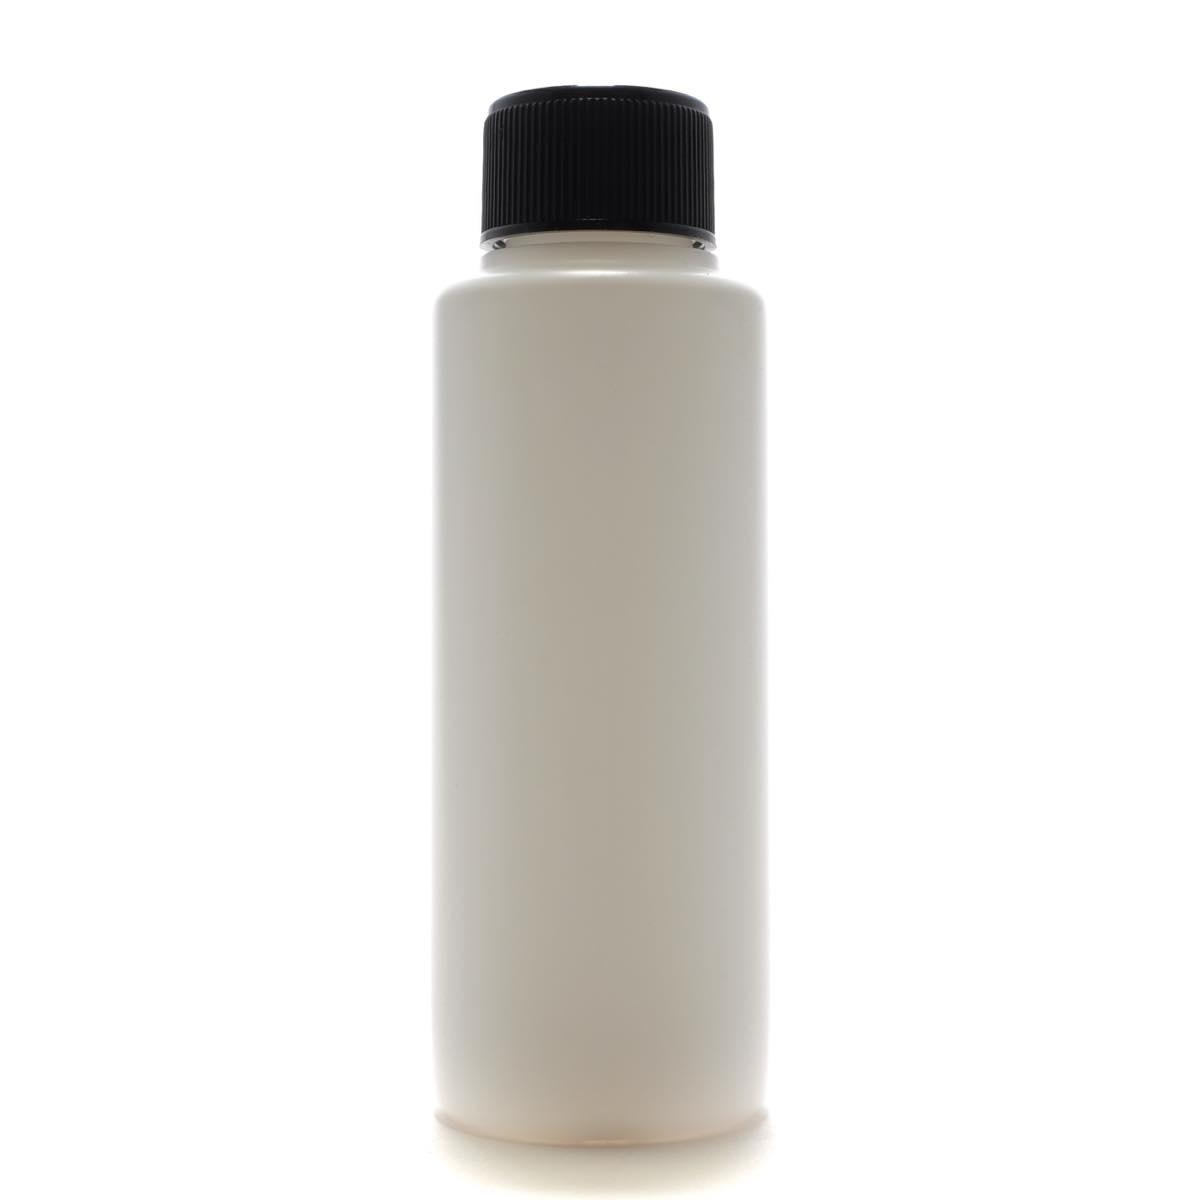 プラスチック容器 100mL PE ホワイト ストレートボトル【スクリューキャップ:ブラック 中栓付き】【500個/ロット 送料無料】